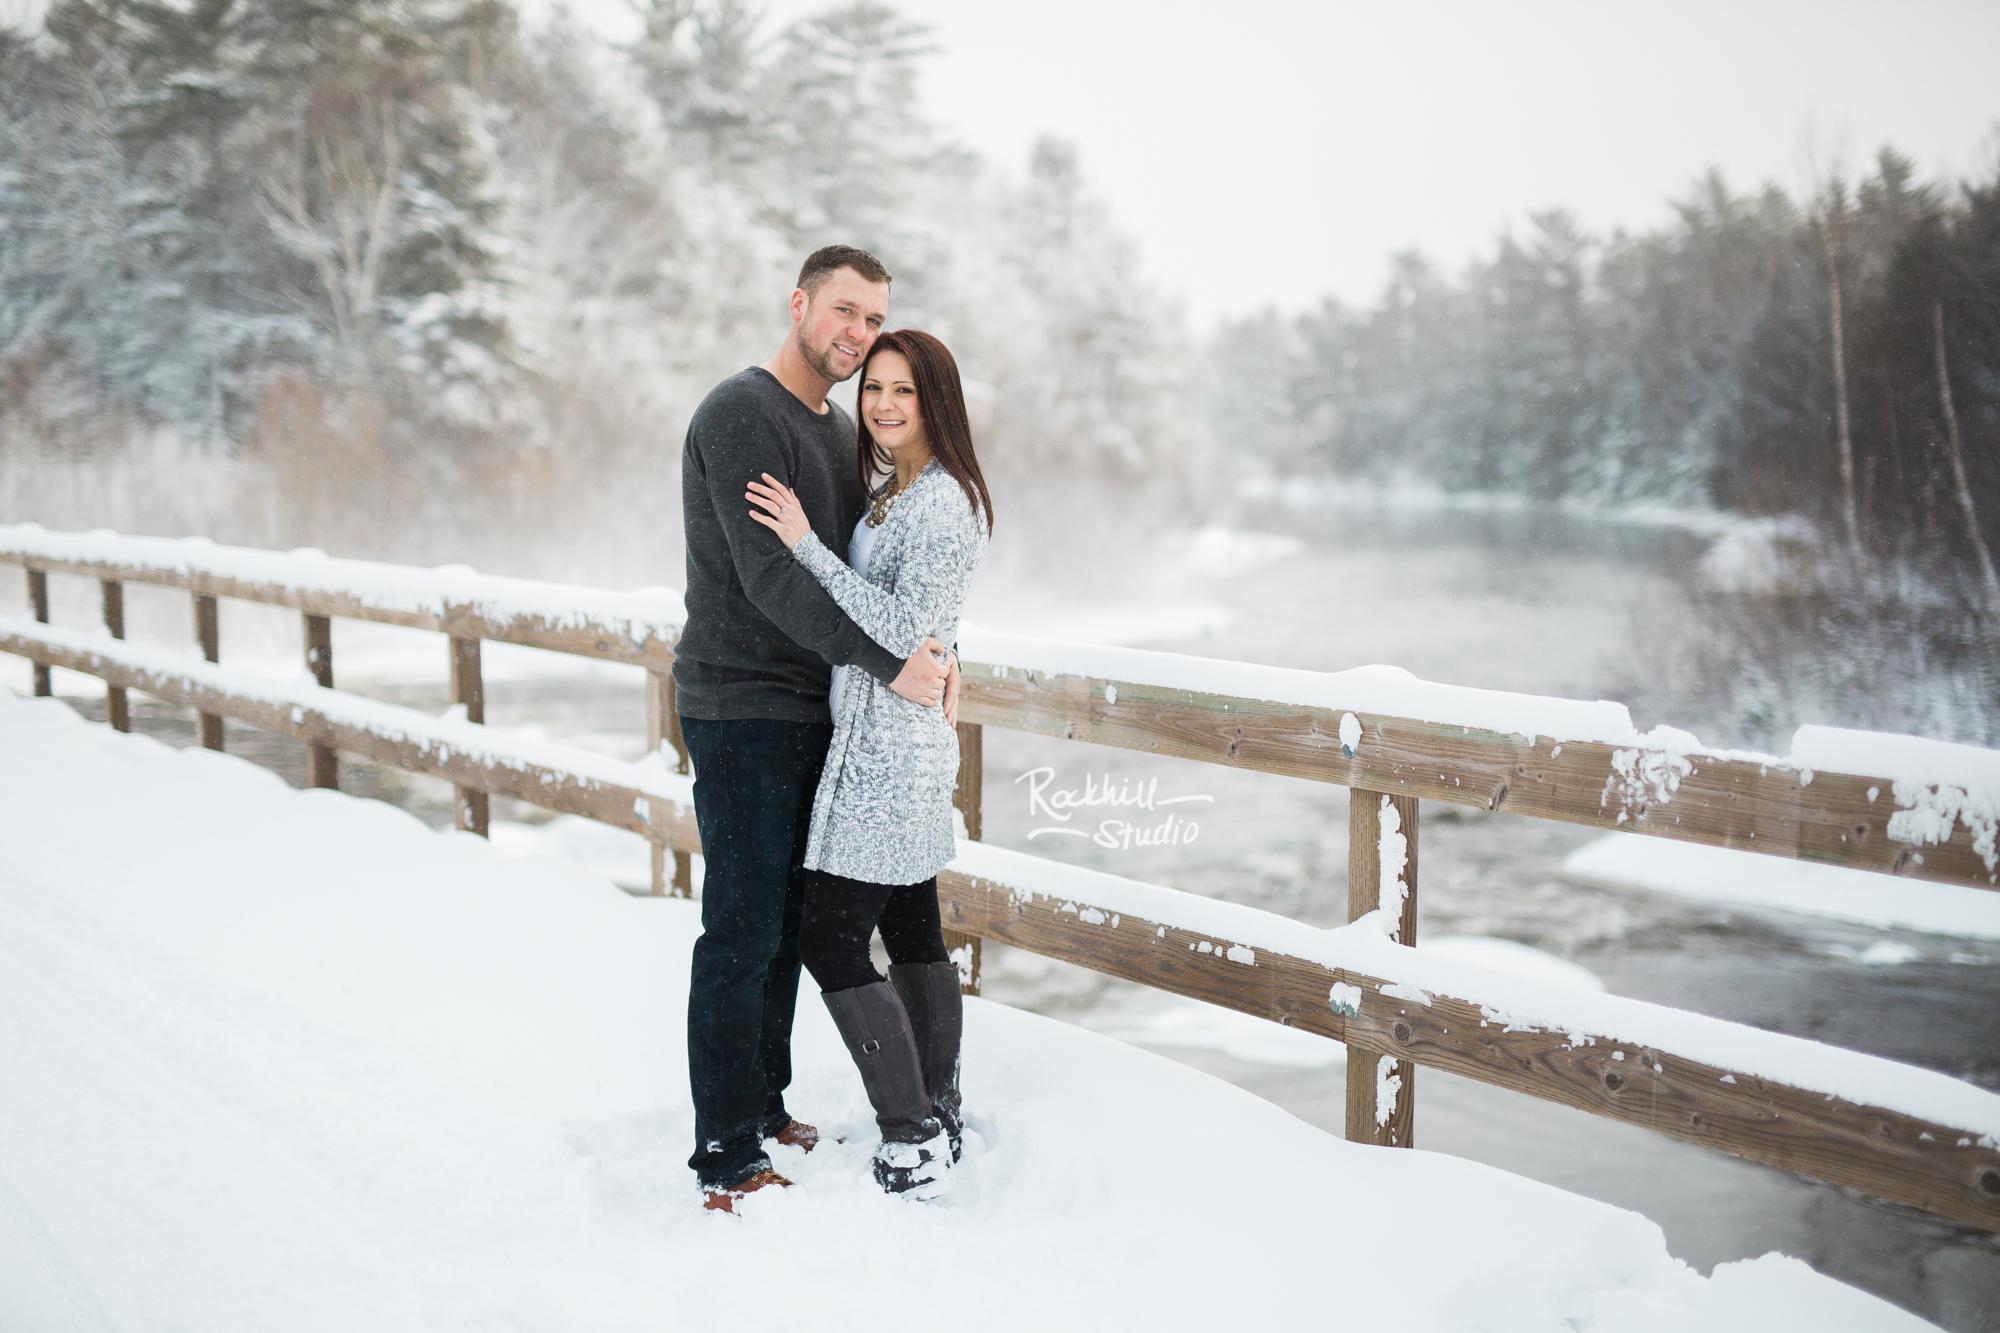 northern-michigan-engagement-photogrpher-wedding-manistique-winter-bridge-2.jpg